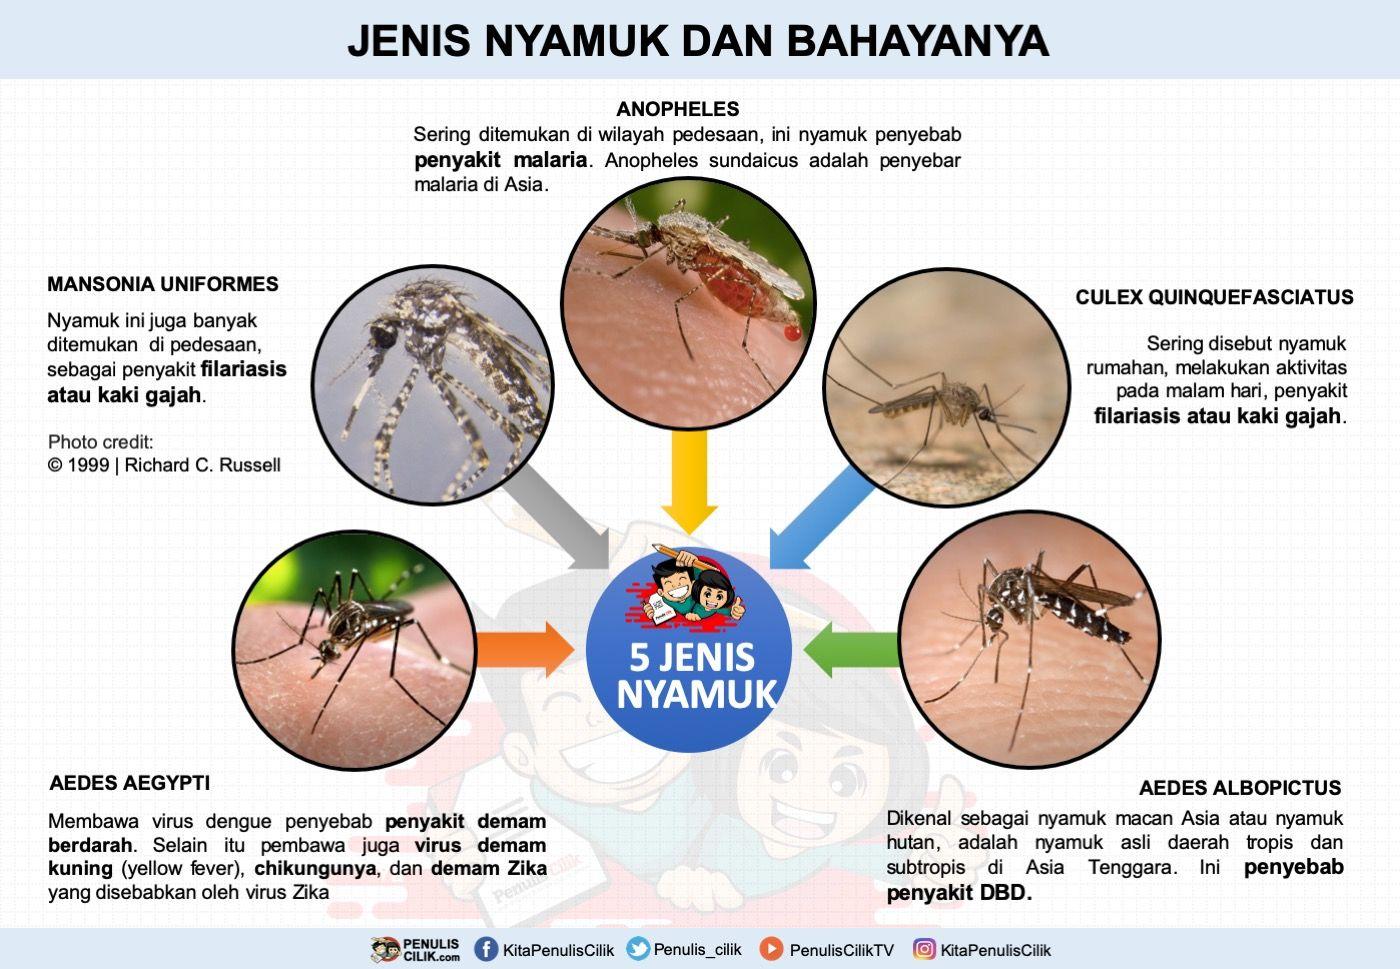 5 Jenis Nyamuk Dan Bahayanya Gambar Poster Poster Chart Diagram